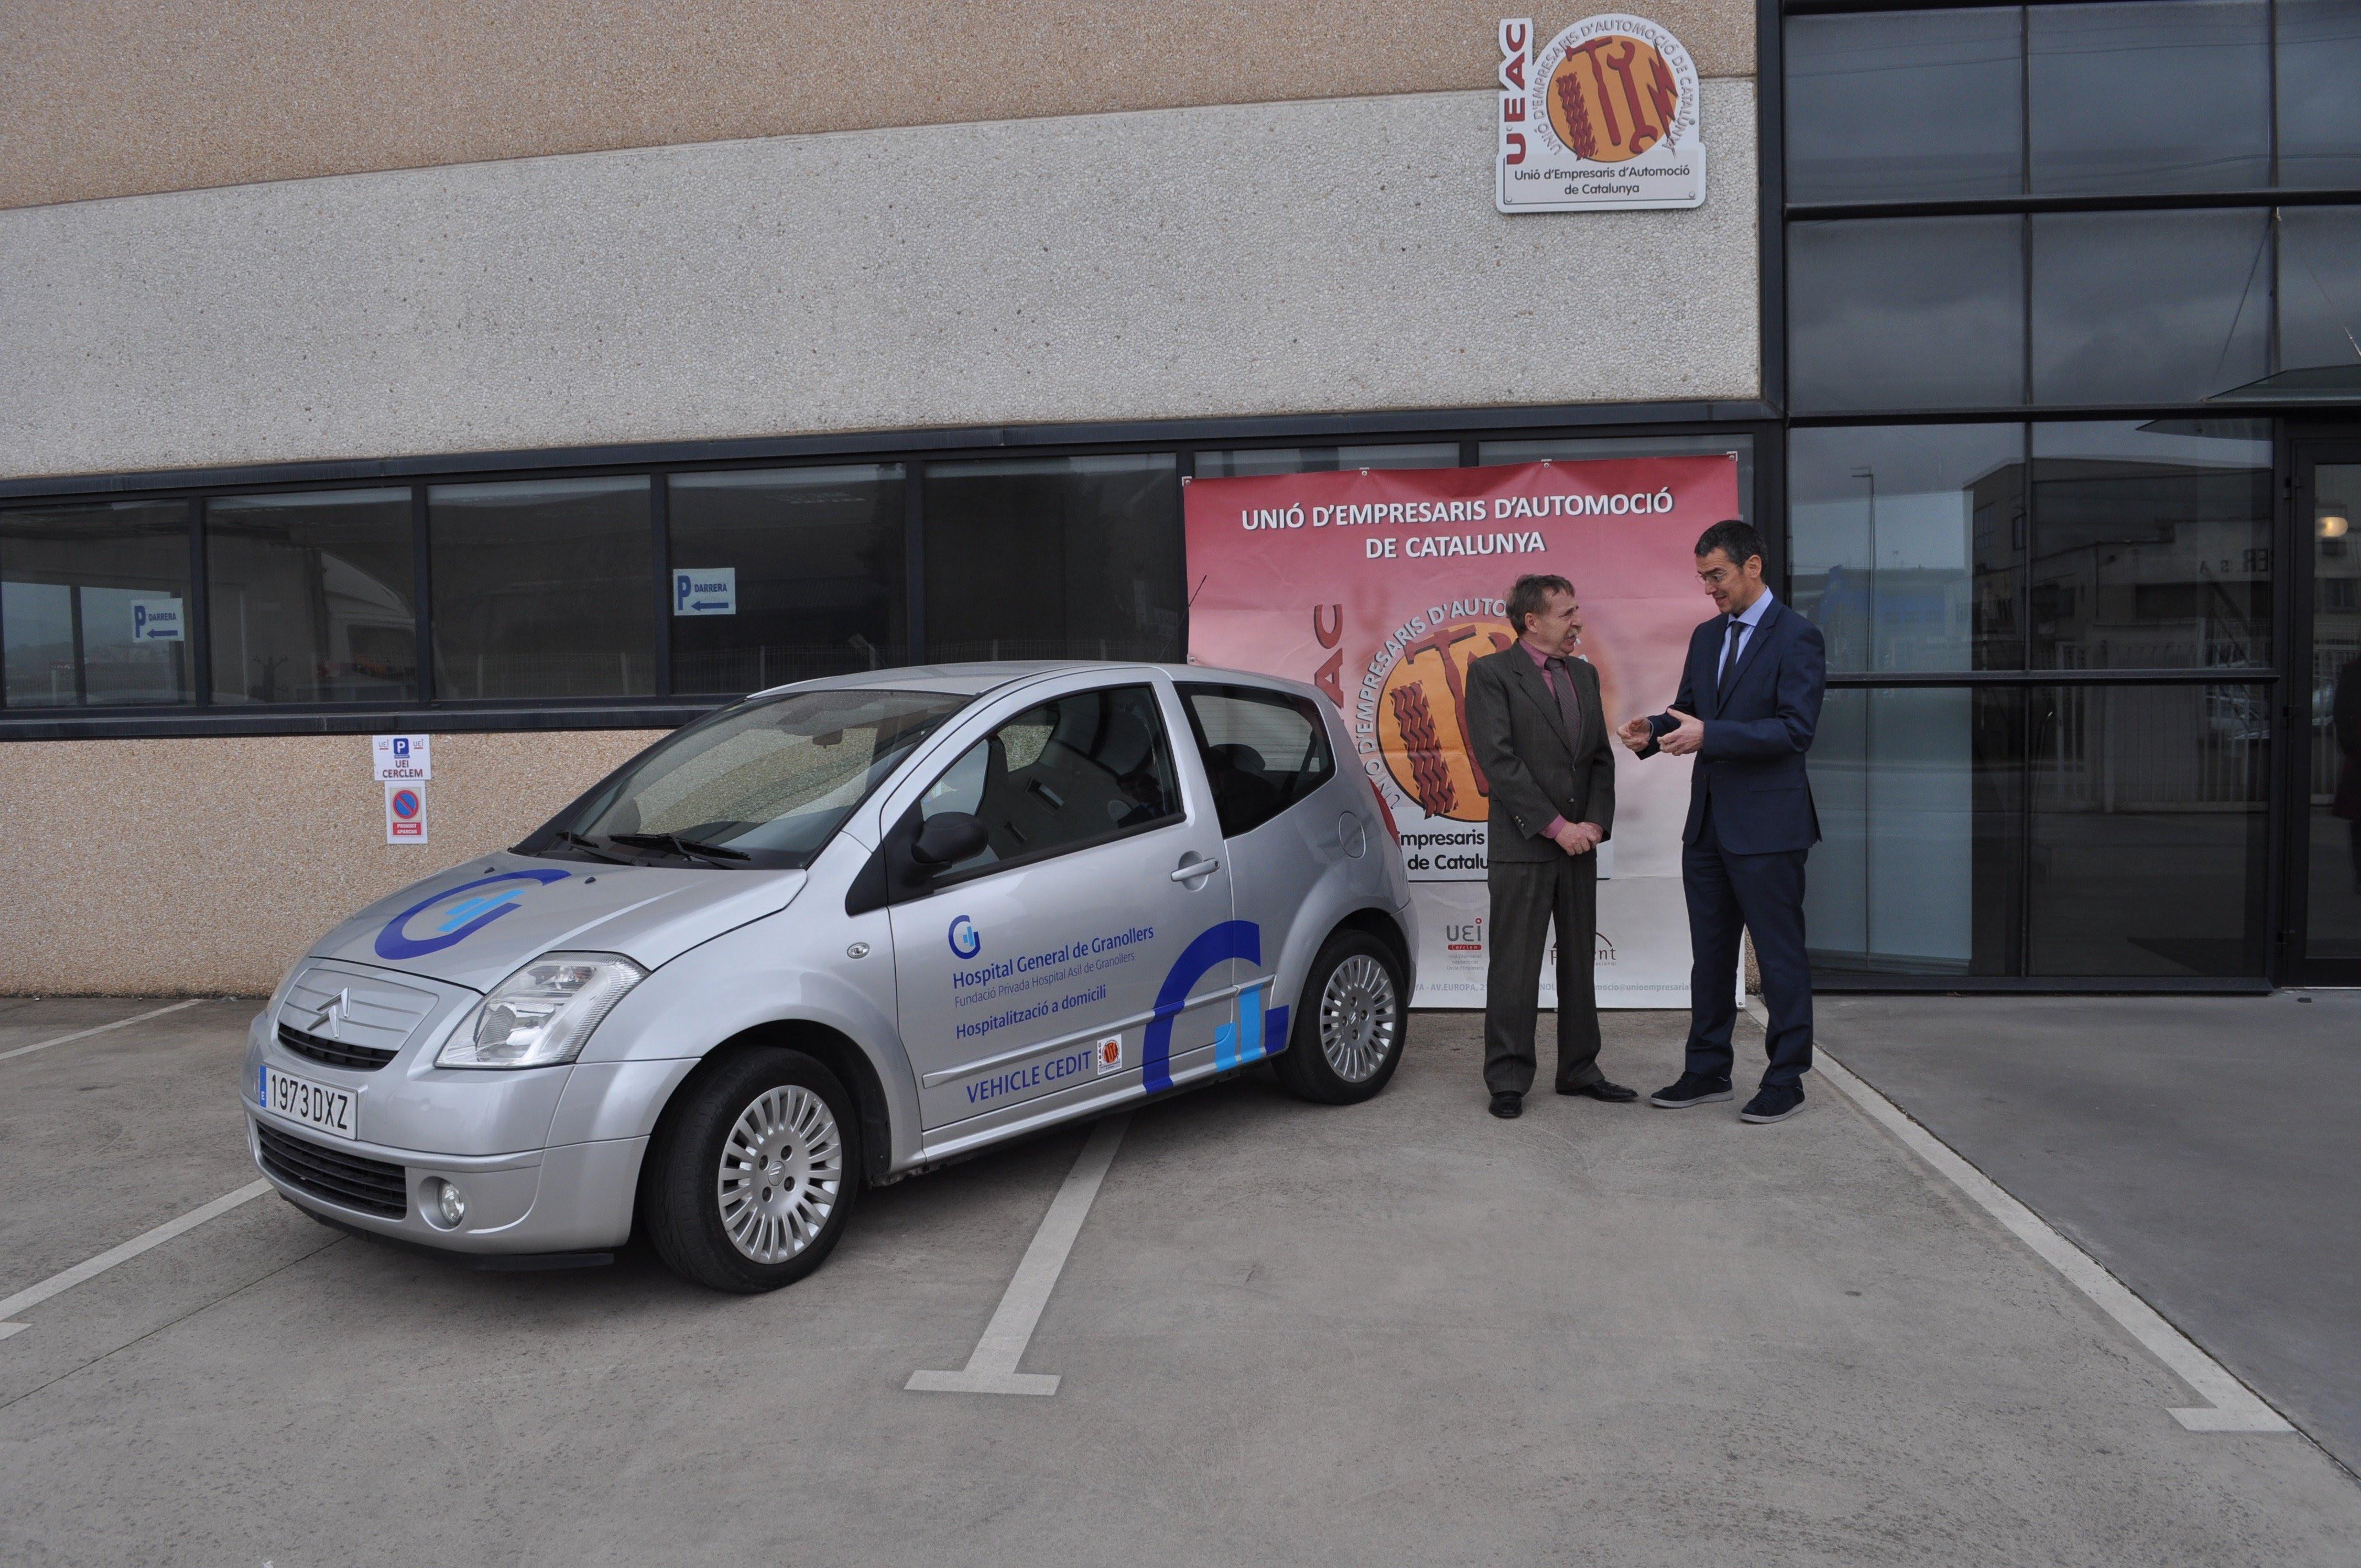 El president de la UEAC, Domigo Comas, i el director general de l'Hospital, Rafael Lledó, amb el vehicle donat